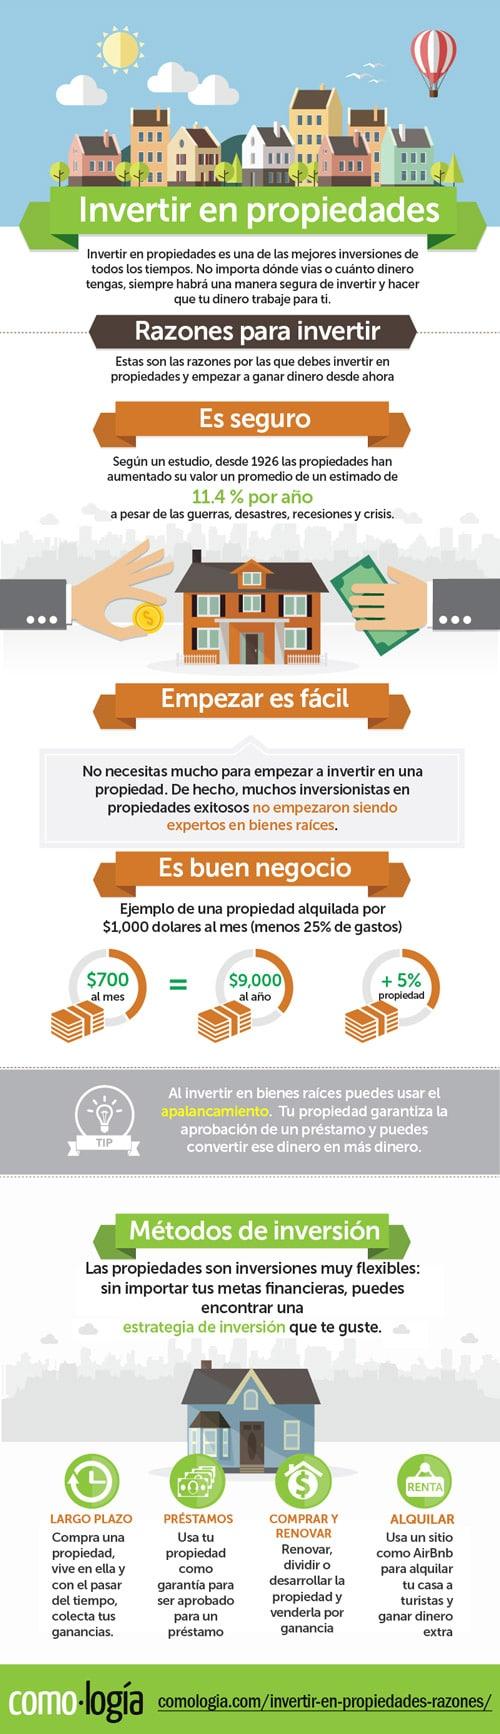 invertir en propiedades ventajas